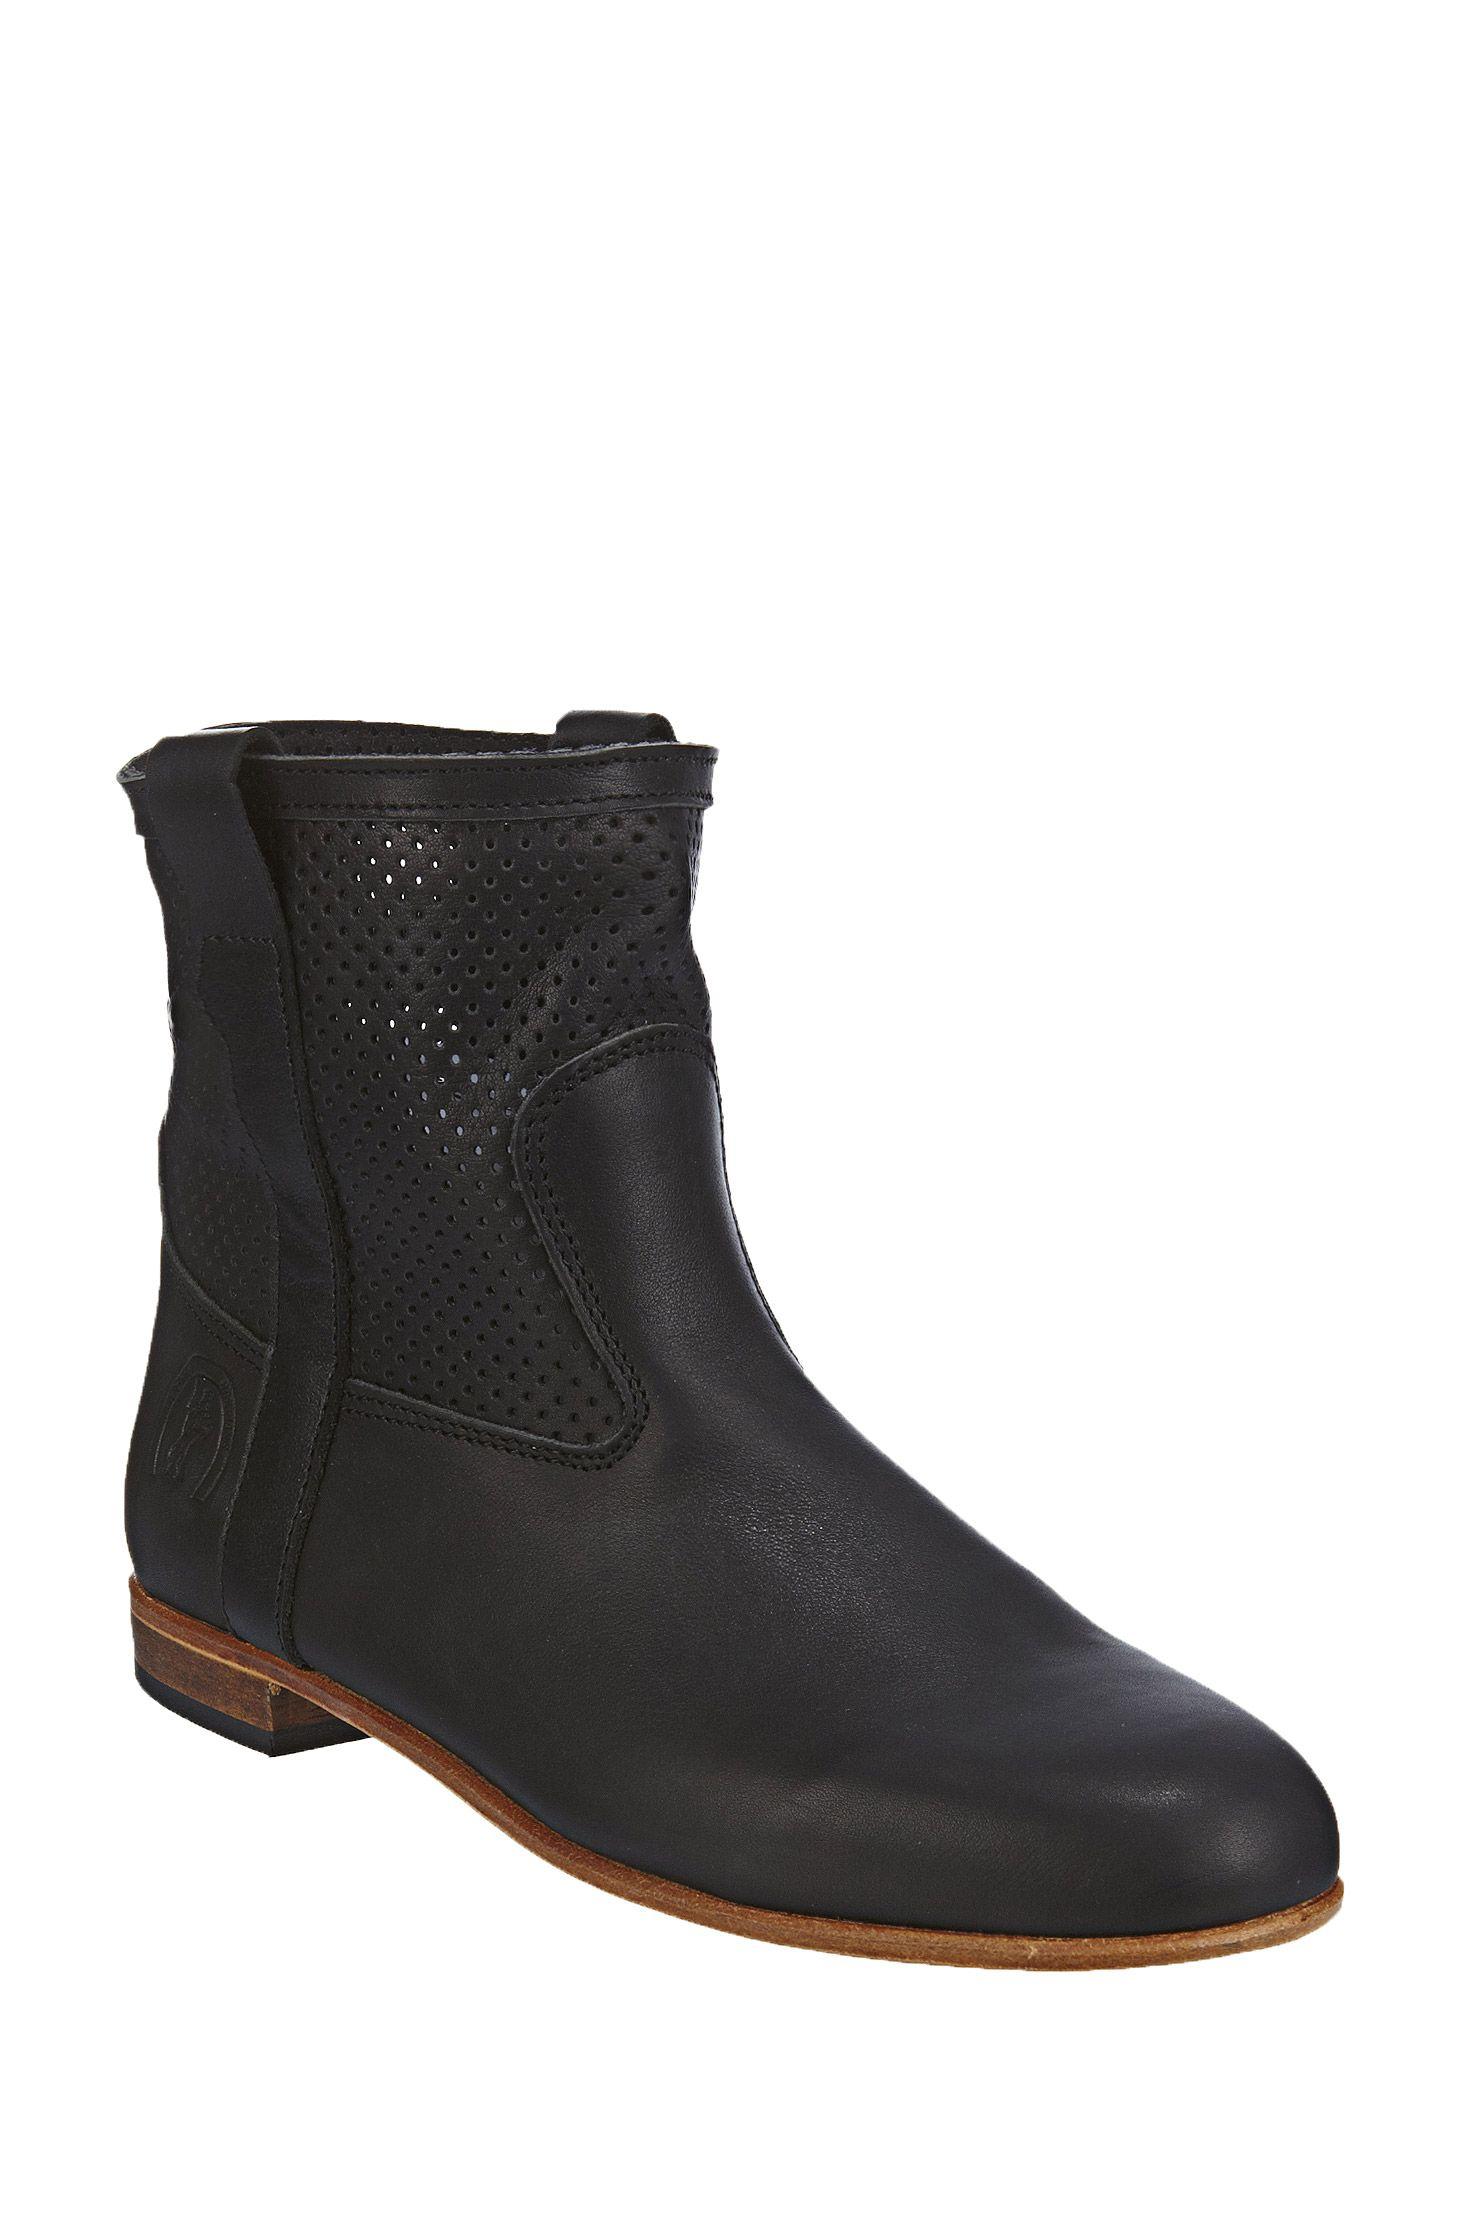 04aa1f640177b4 Boots en cuir perforé Elsa Noir La Botte Gardiane ...